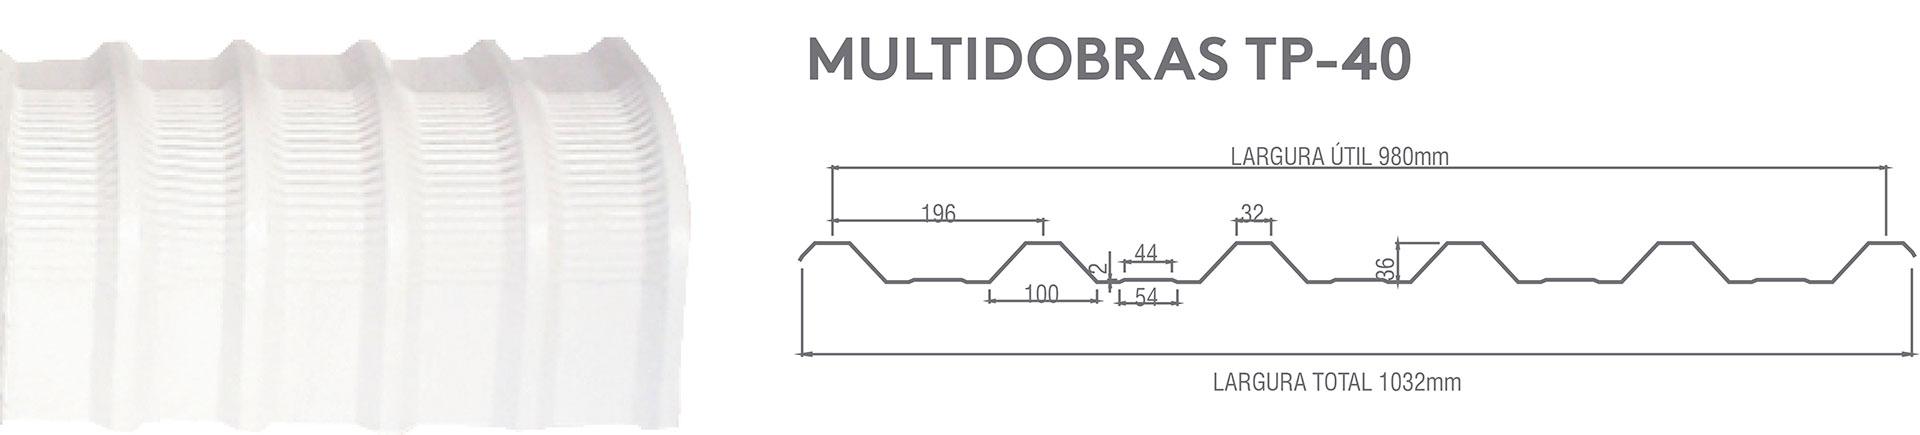 multidobras-tp-40